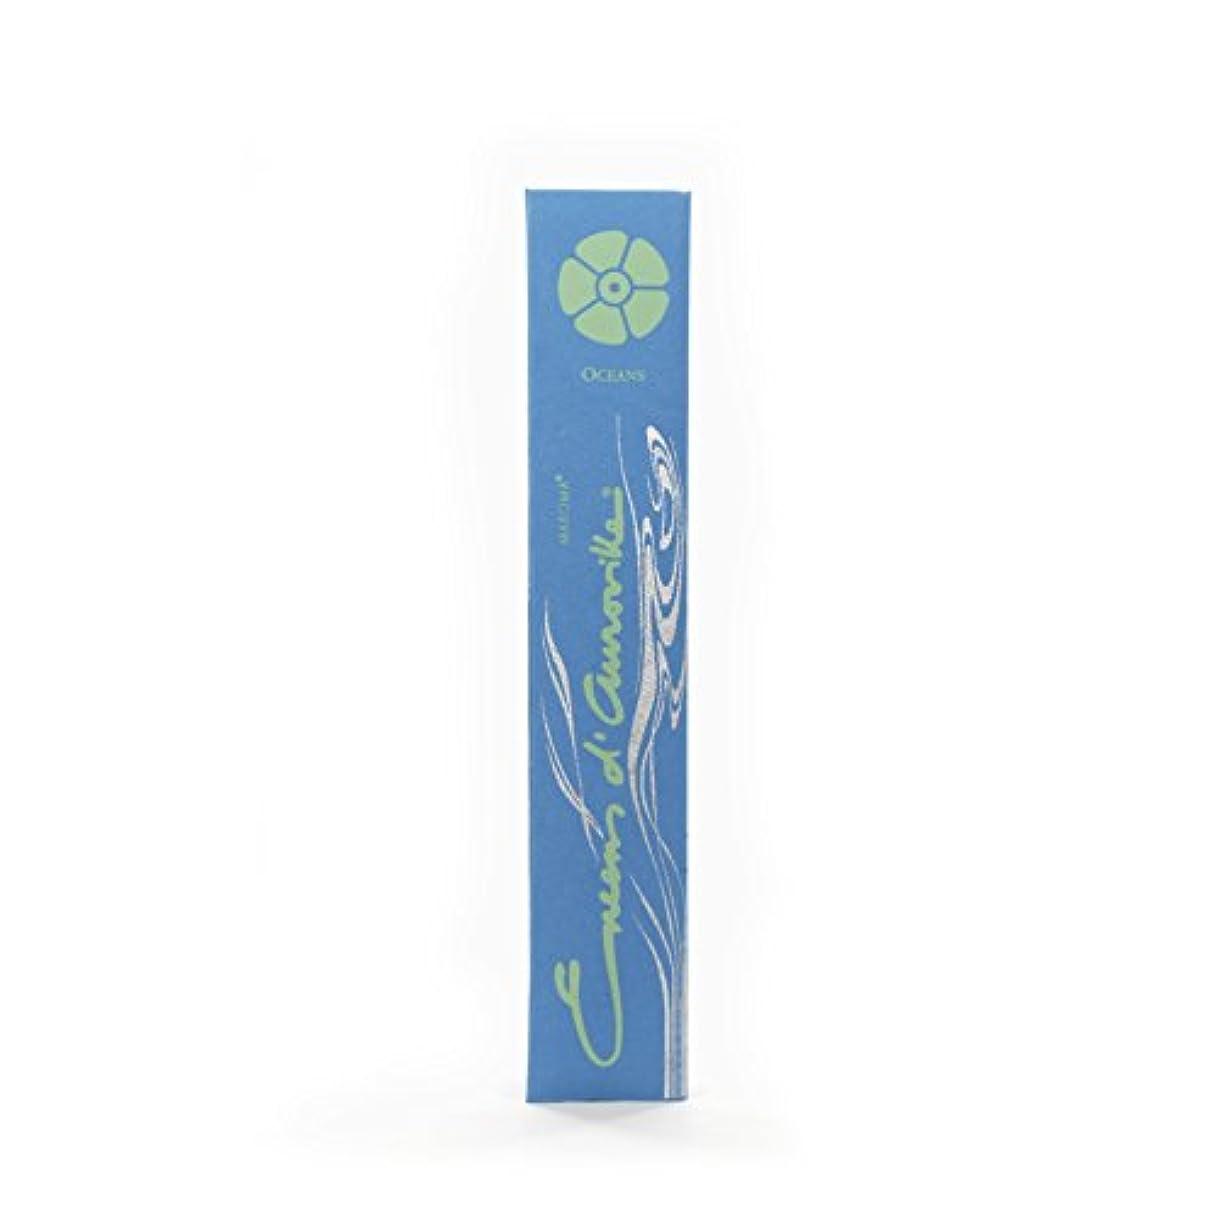 ほとんどない歯車引き付けるMaroma自然Incense Encens d 'auroville Oceans 10 Sticks